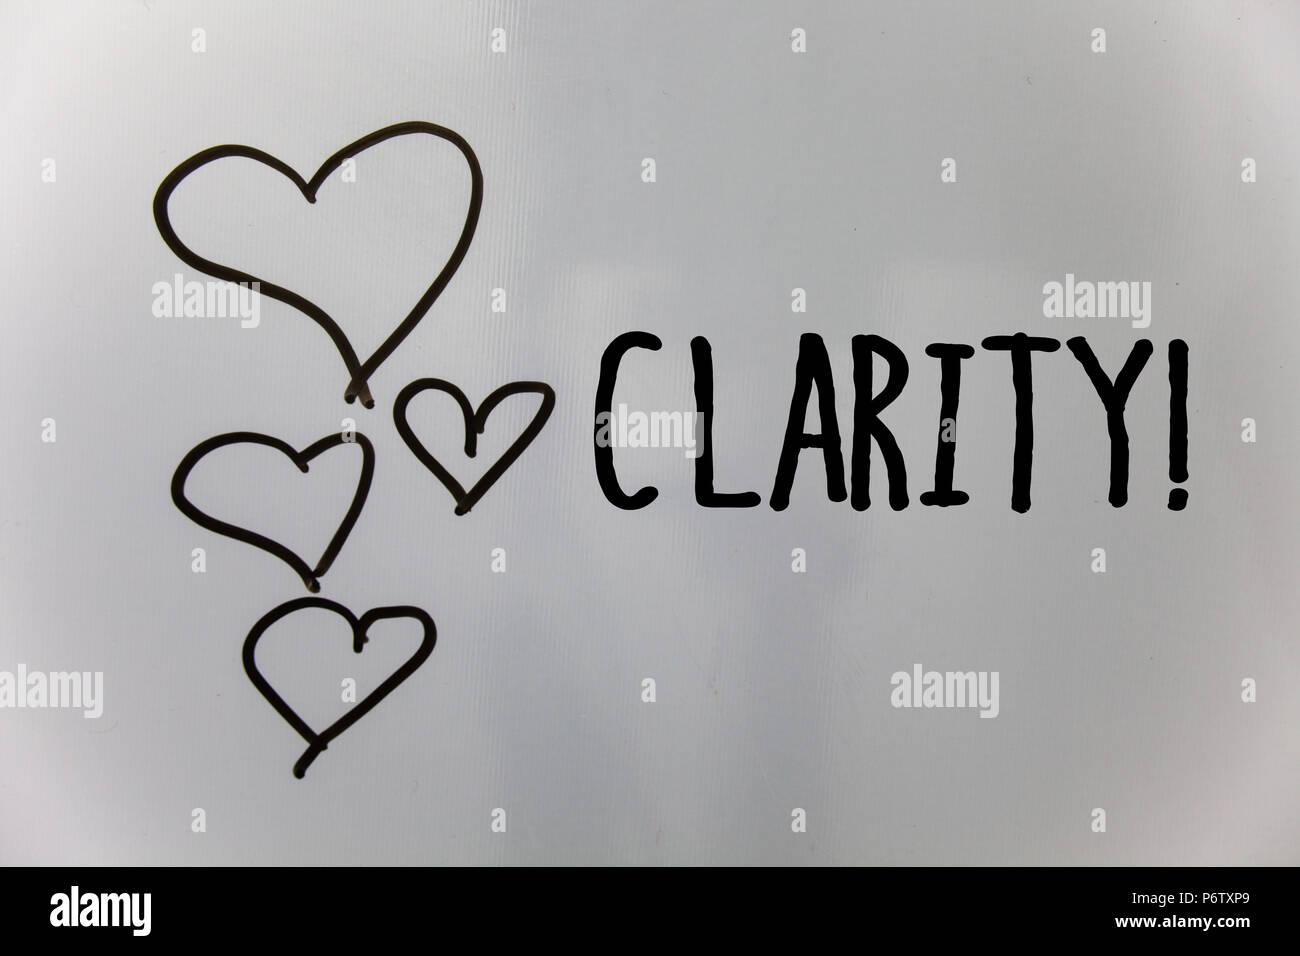 Parola di scrittura di testo chiarezza. Il concetto di business per la certezza di purezza di precisione comprensibilità trasparenza accuratezza cuori sfondo bianco idee messa Immagini Stock